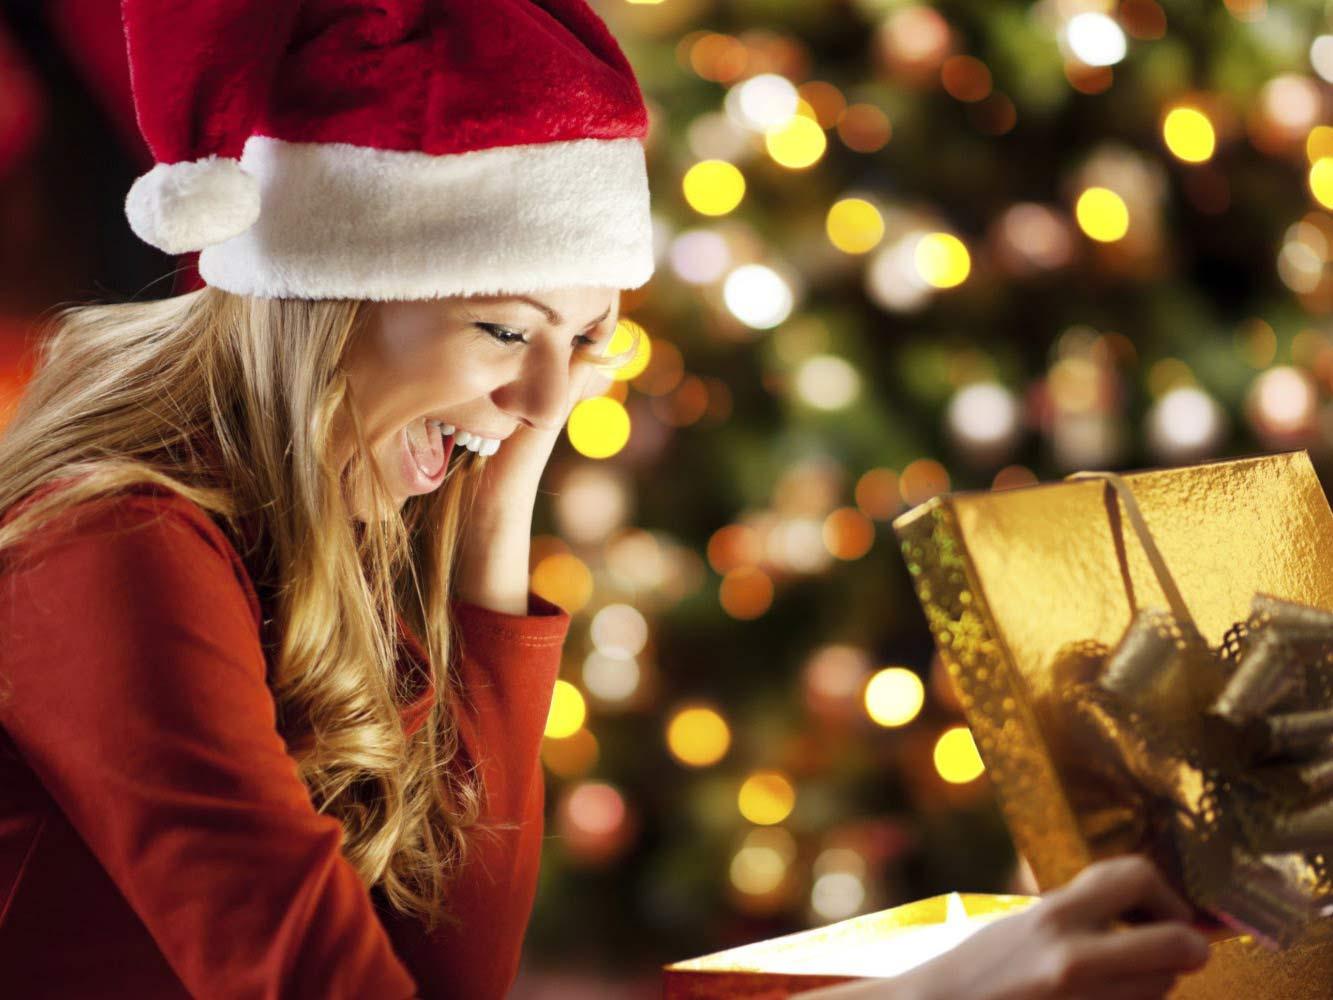 Regali di Natale Per Lei 2018: i Regali che ogni Donna Vorrebbe